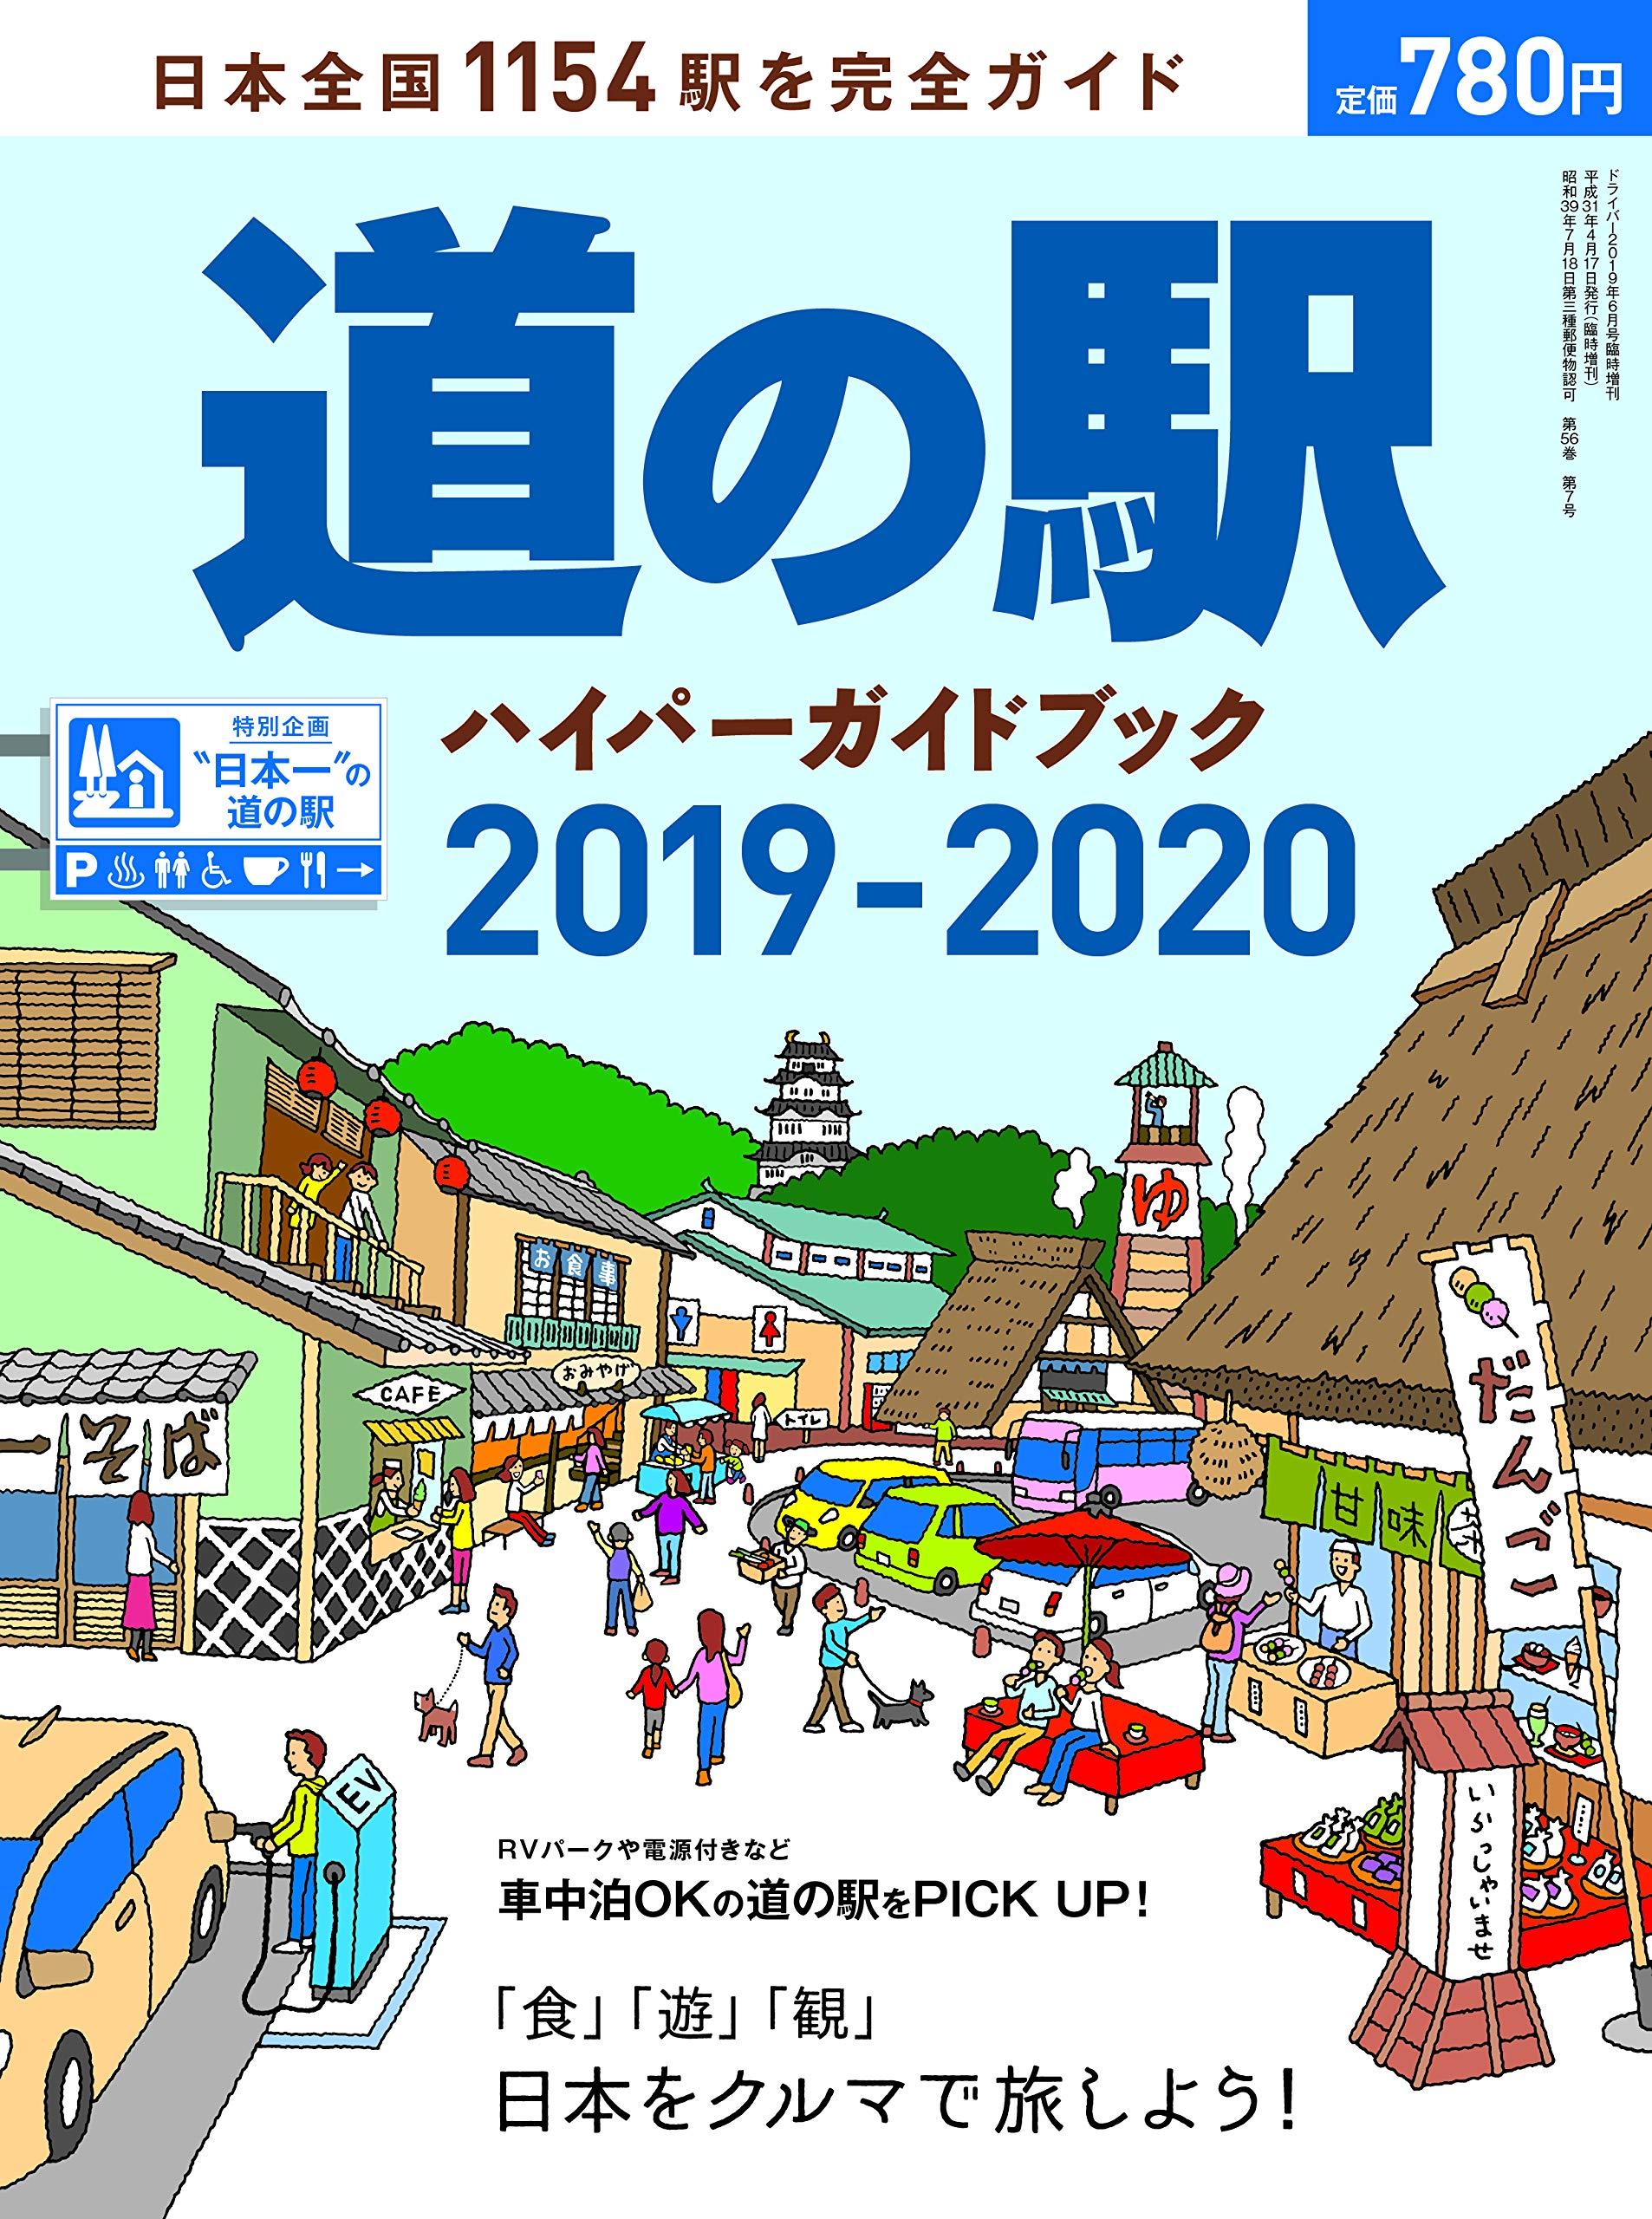 旅 2020 みち